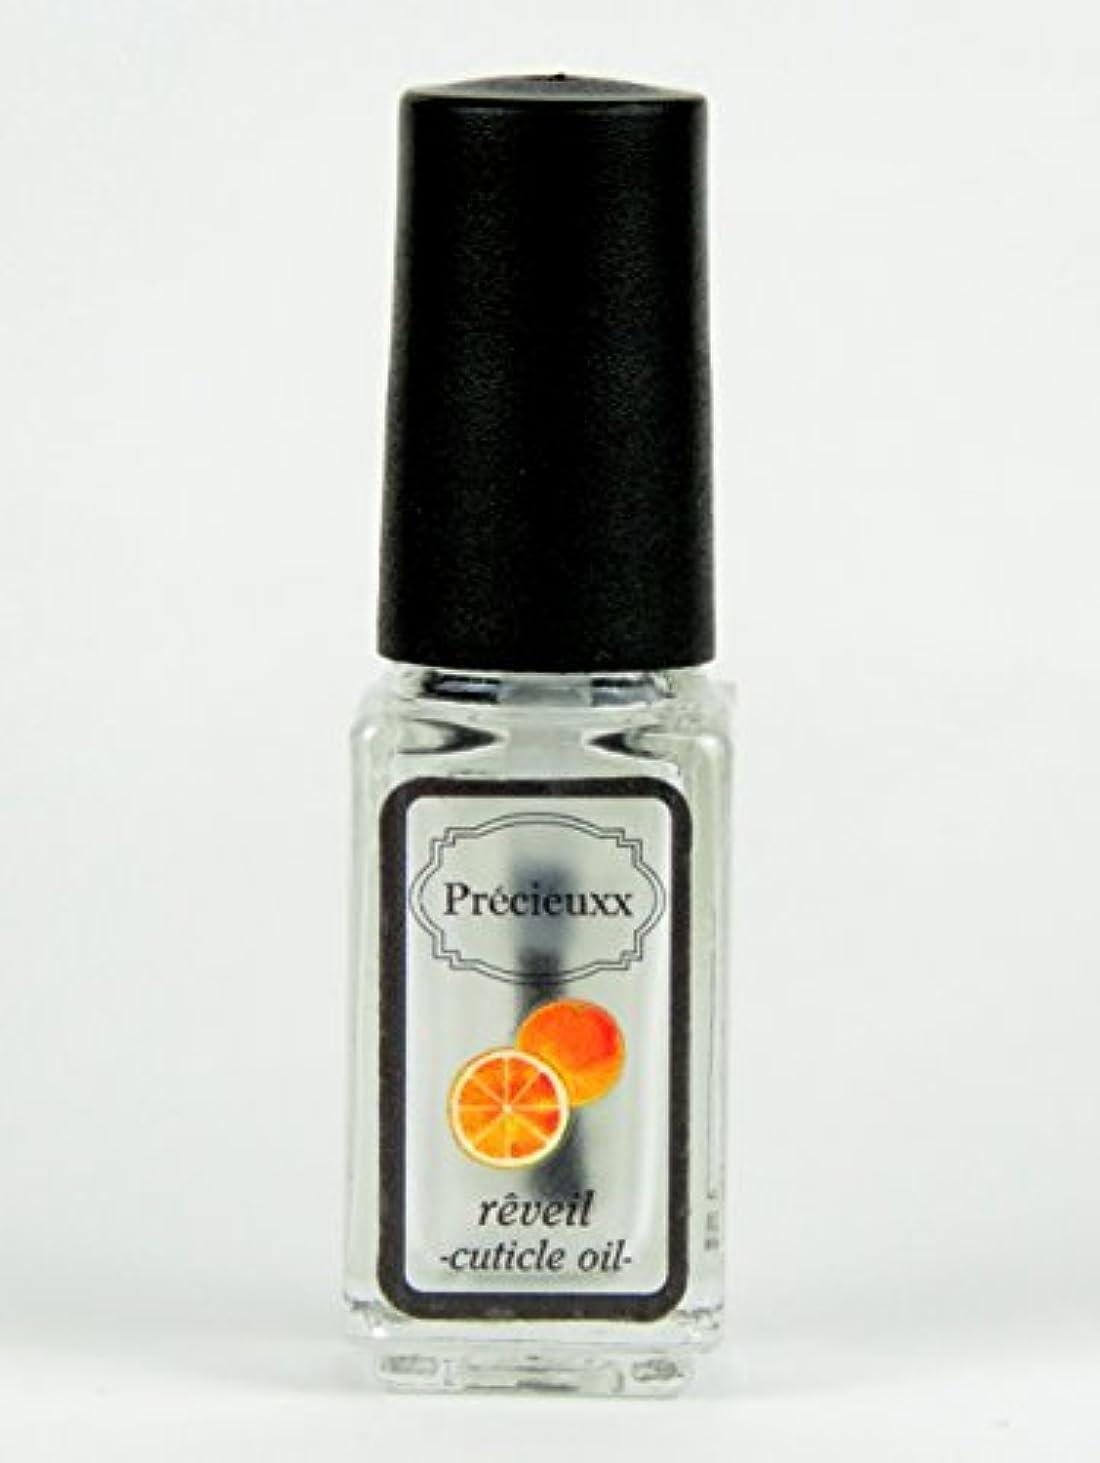 うんざり正確さ本会議オーガニック ネイルオイル Precieuxx(プレシュー) ネイルアンドキューティクルボタニカルオイル 5ml オレンジ